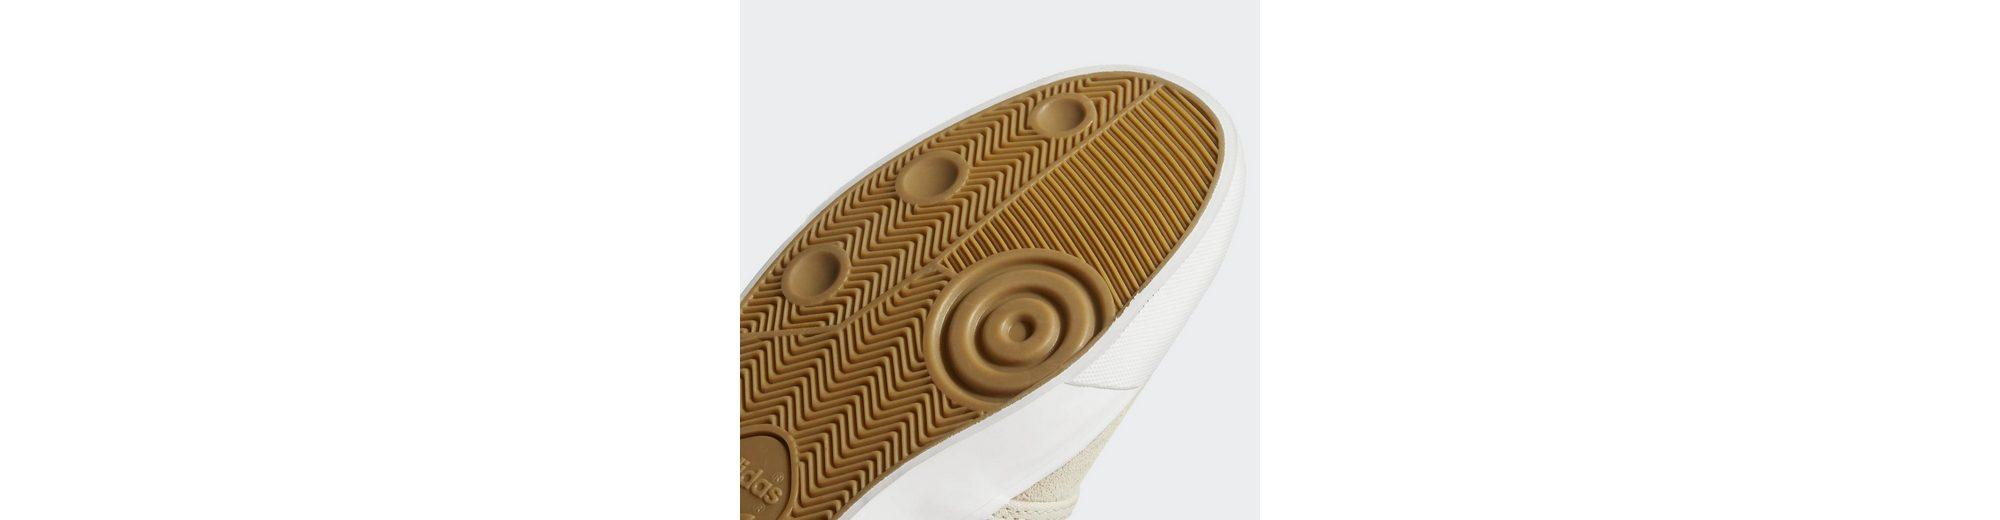 adidas Originals Seeley Schuh Skateschuh Steckdose Truhe Freies Verschiffen Verkaufsschlager Größte Anbieter Günstig Kaufen Niedrigen Preis Versandkosten Für 100% Authentisch Zu Verkaufen ZsMNUcbSB